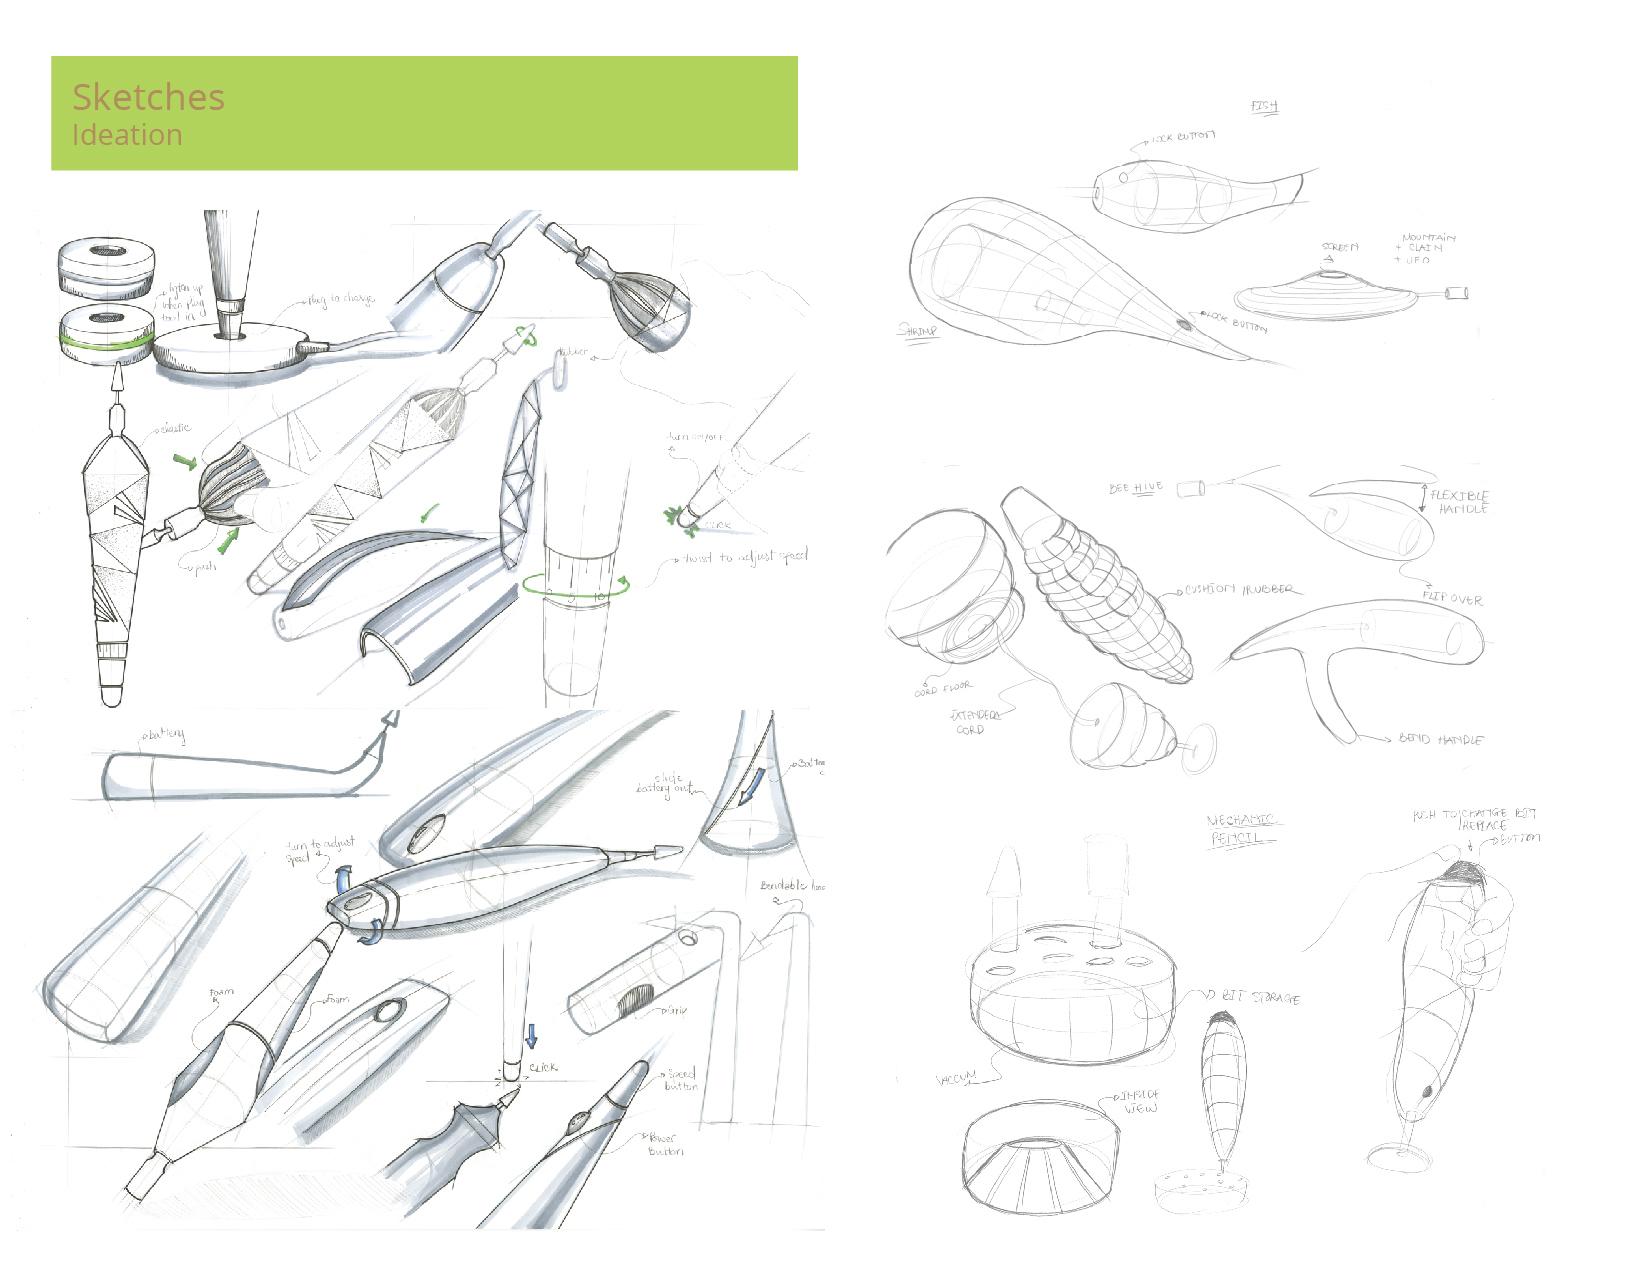 sketch-04.jpg